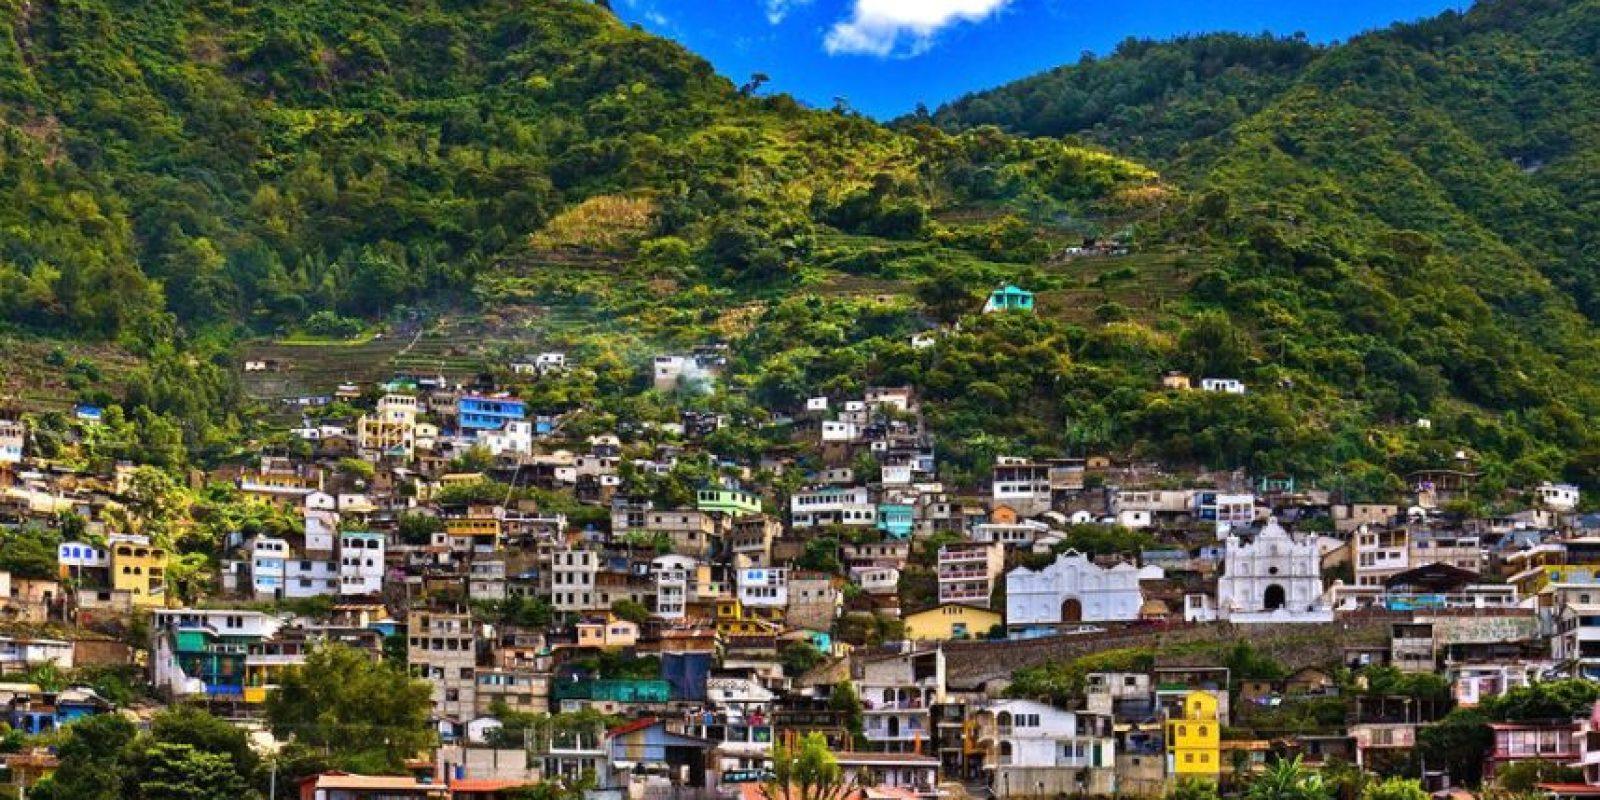 Los pueblos que rodean al lago no son nada coloridos ni interesantes. Foto:http://www.buzzfeed.com/